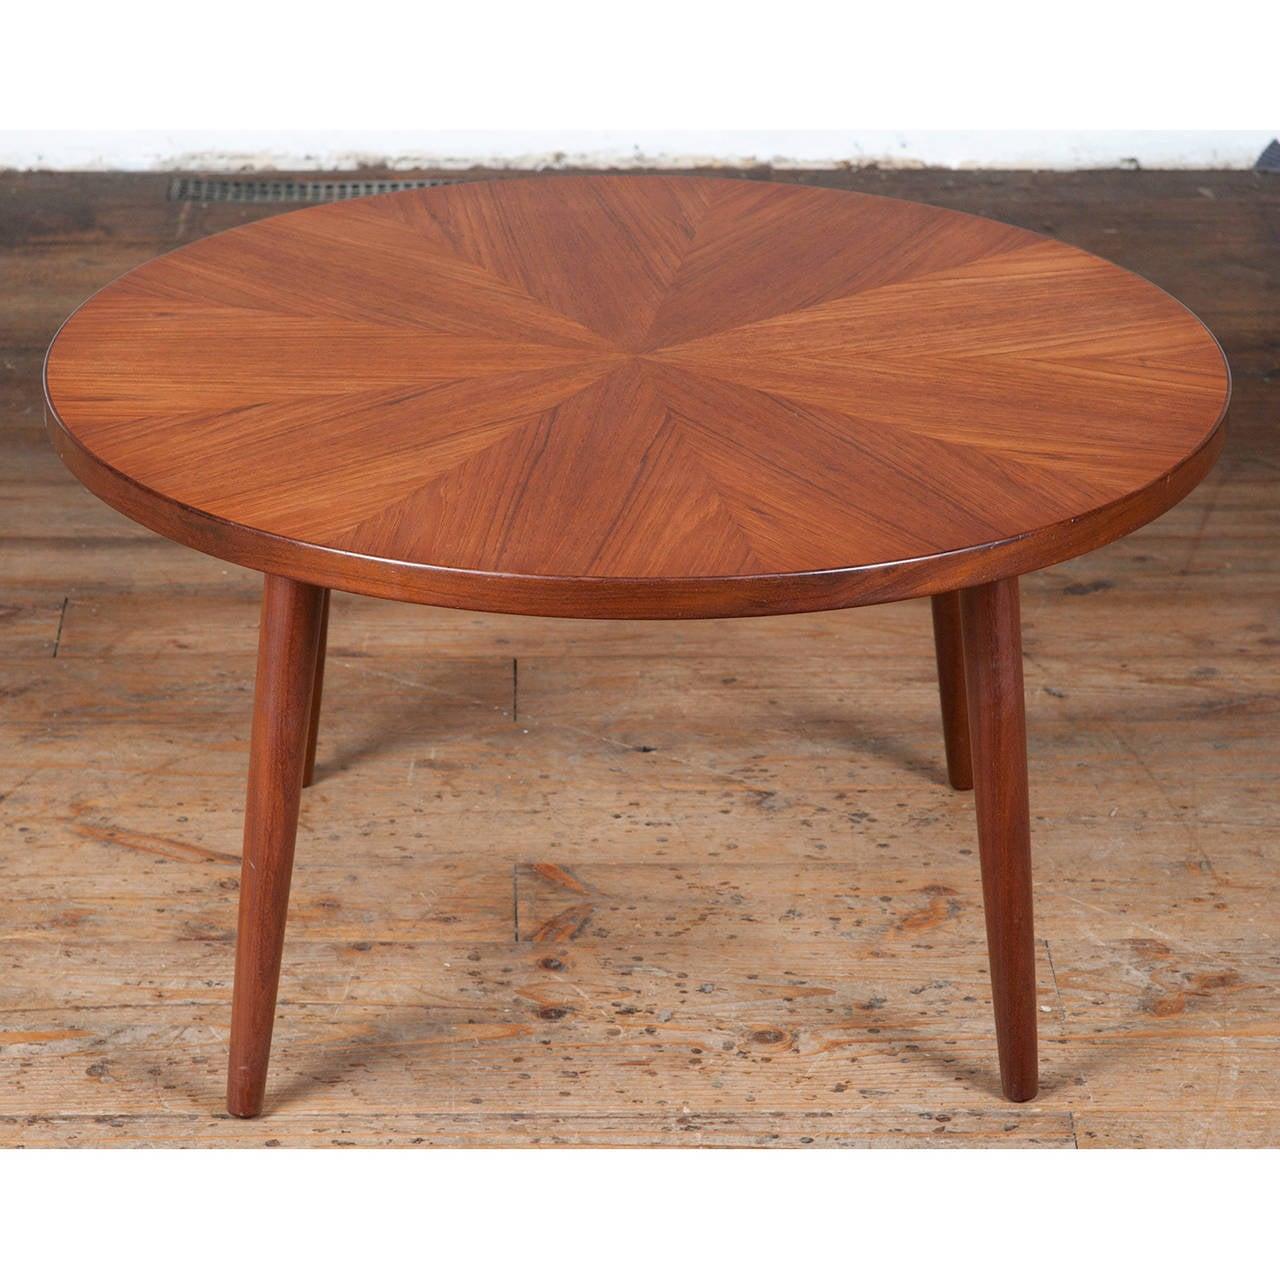 Danish Mid Century Teak Coffee Table 1 Small: Mid-Century Teak Starburst Coffee Table By H.W. Klein At